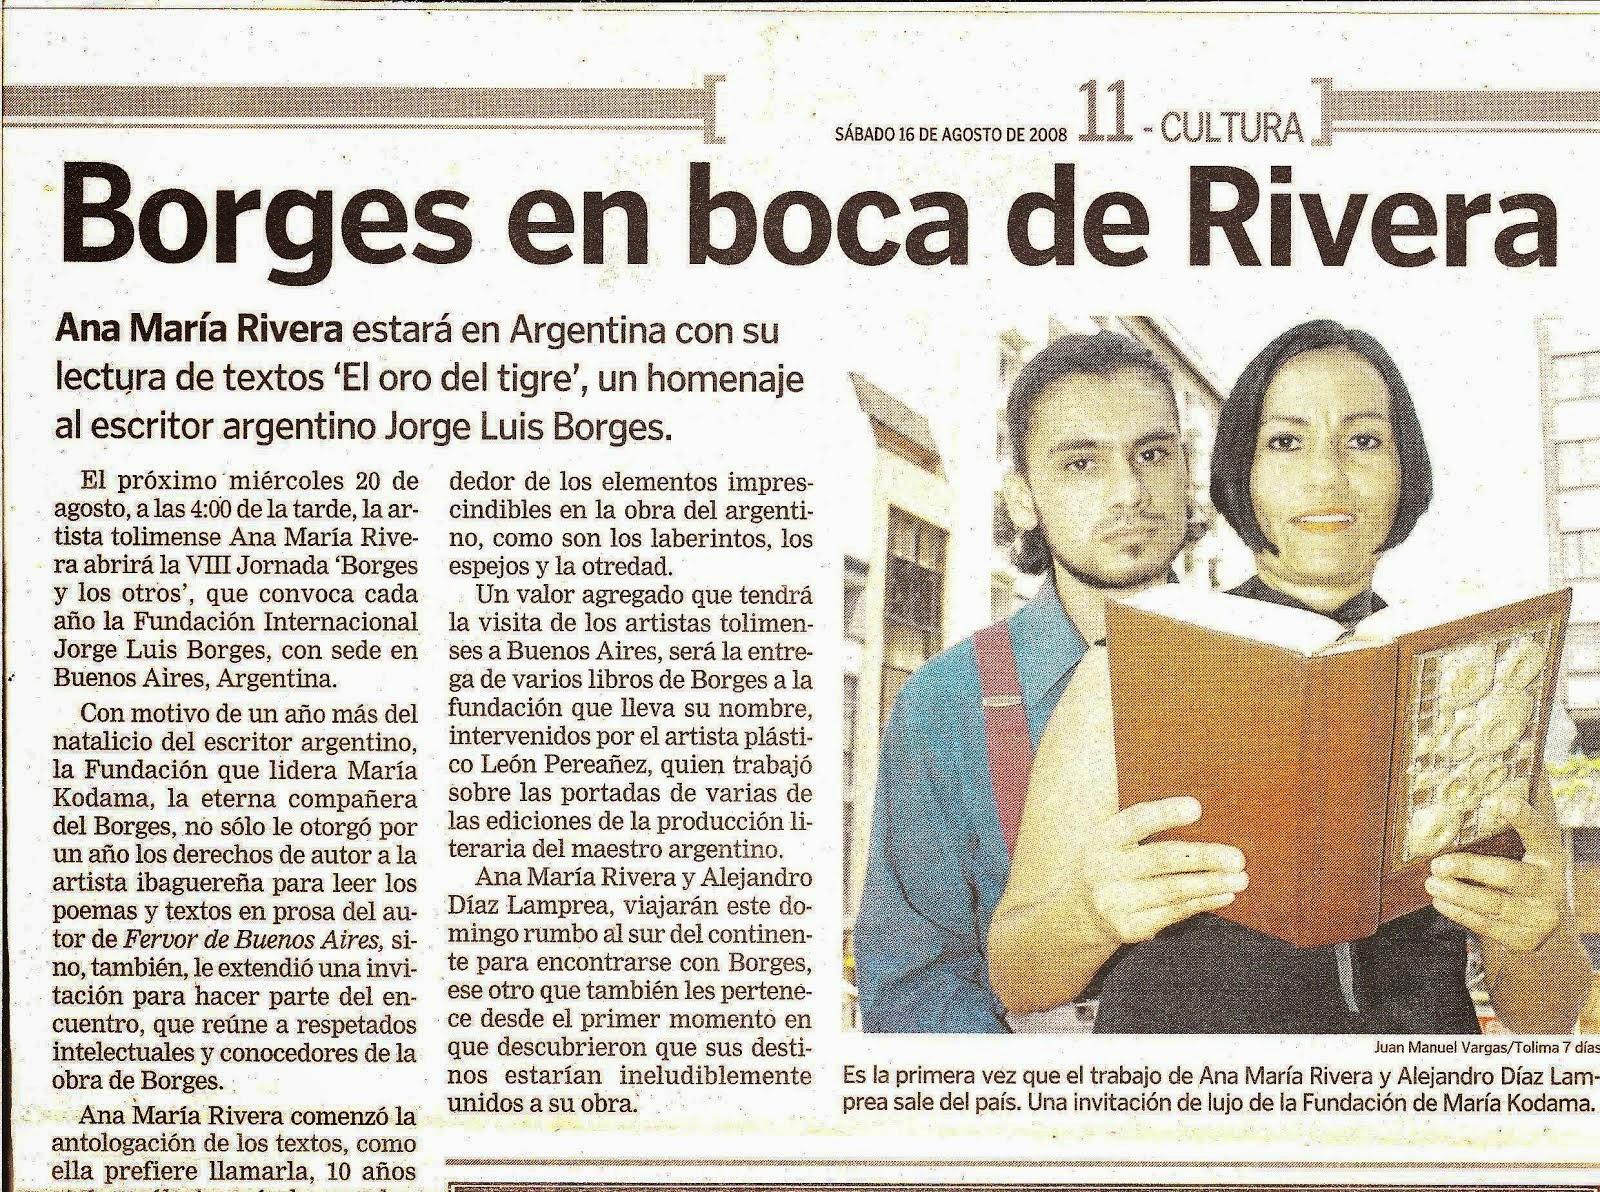 Borges en Boca de Rivera